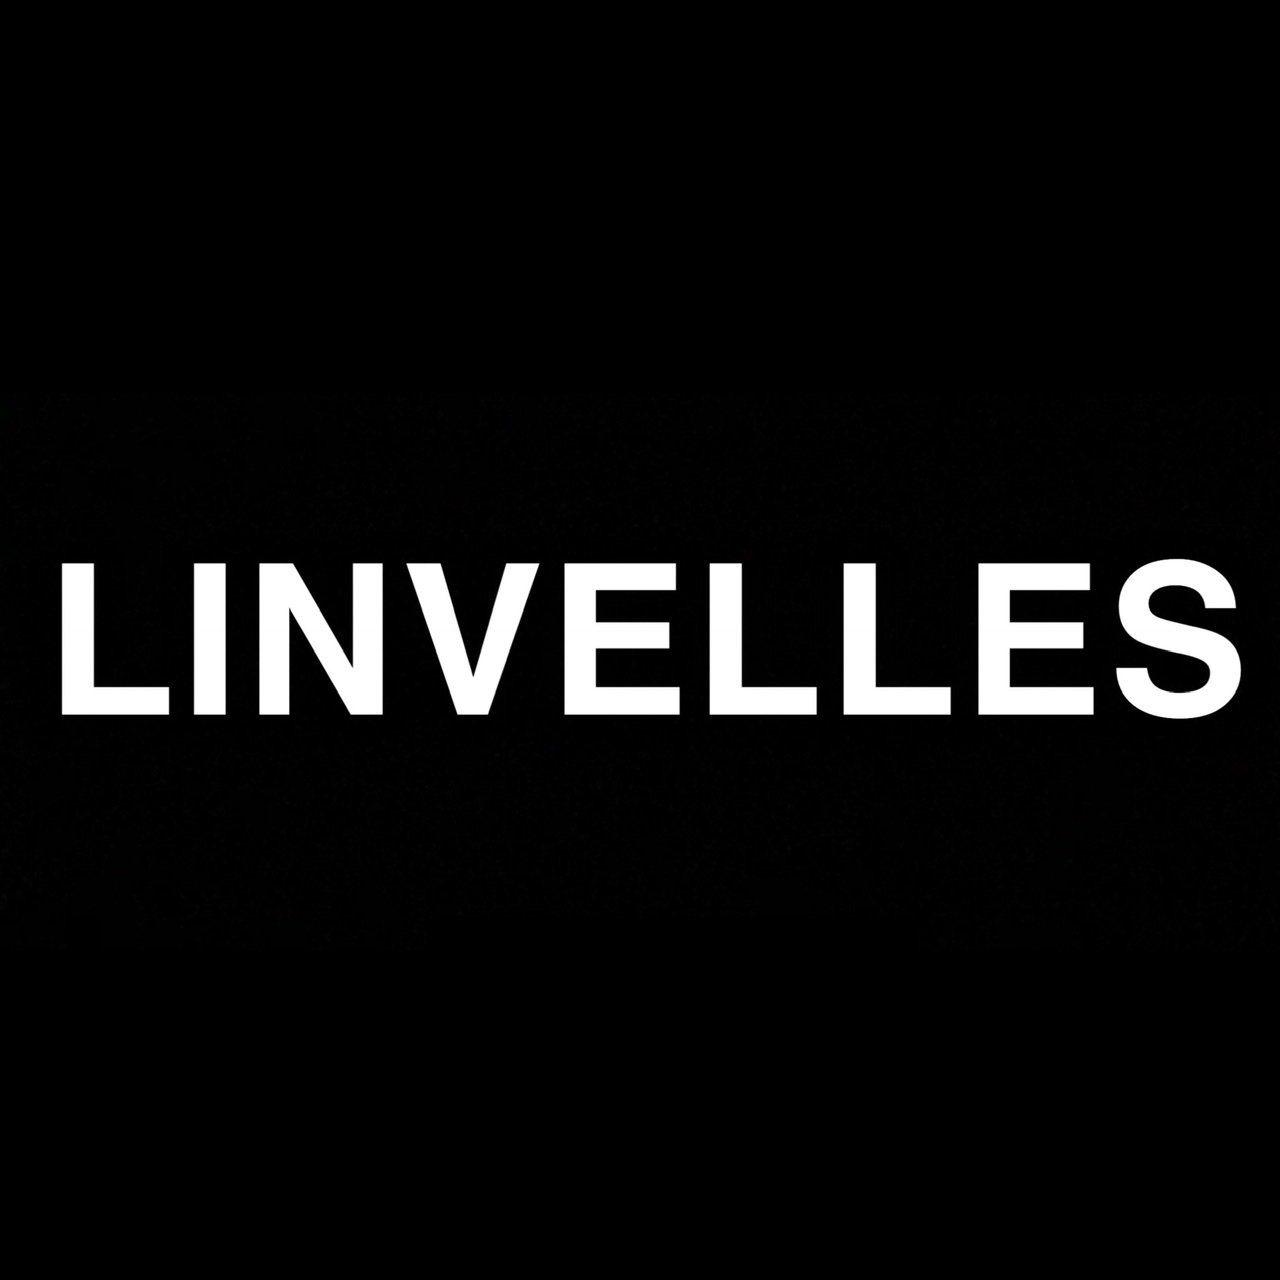 Linvelles